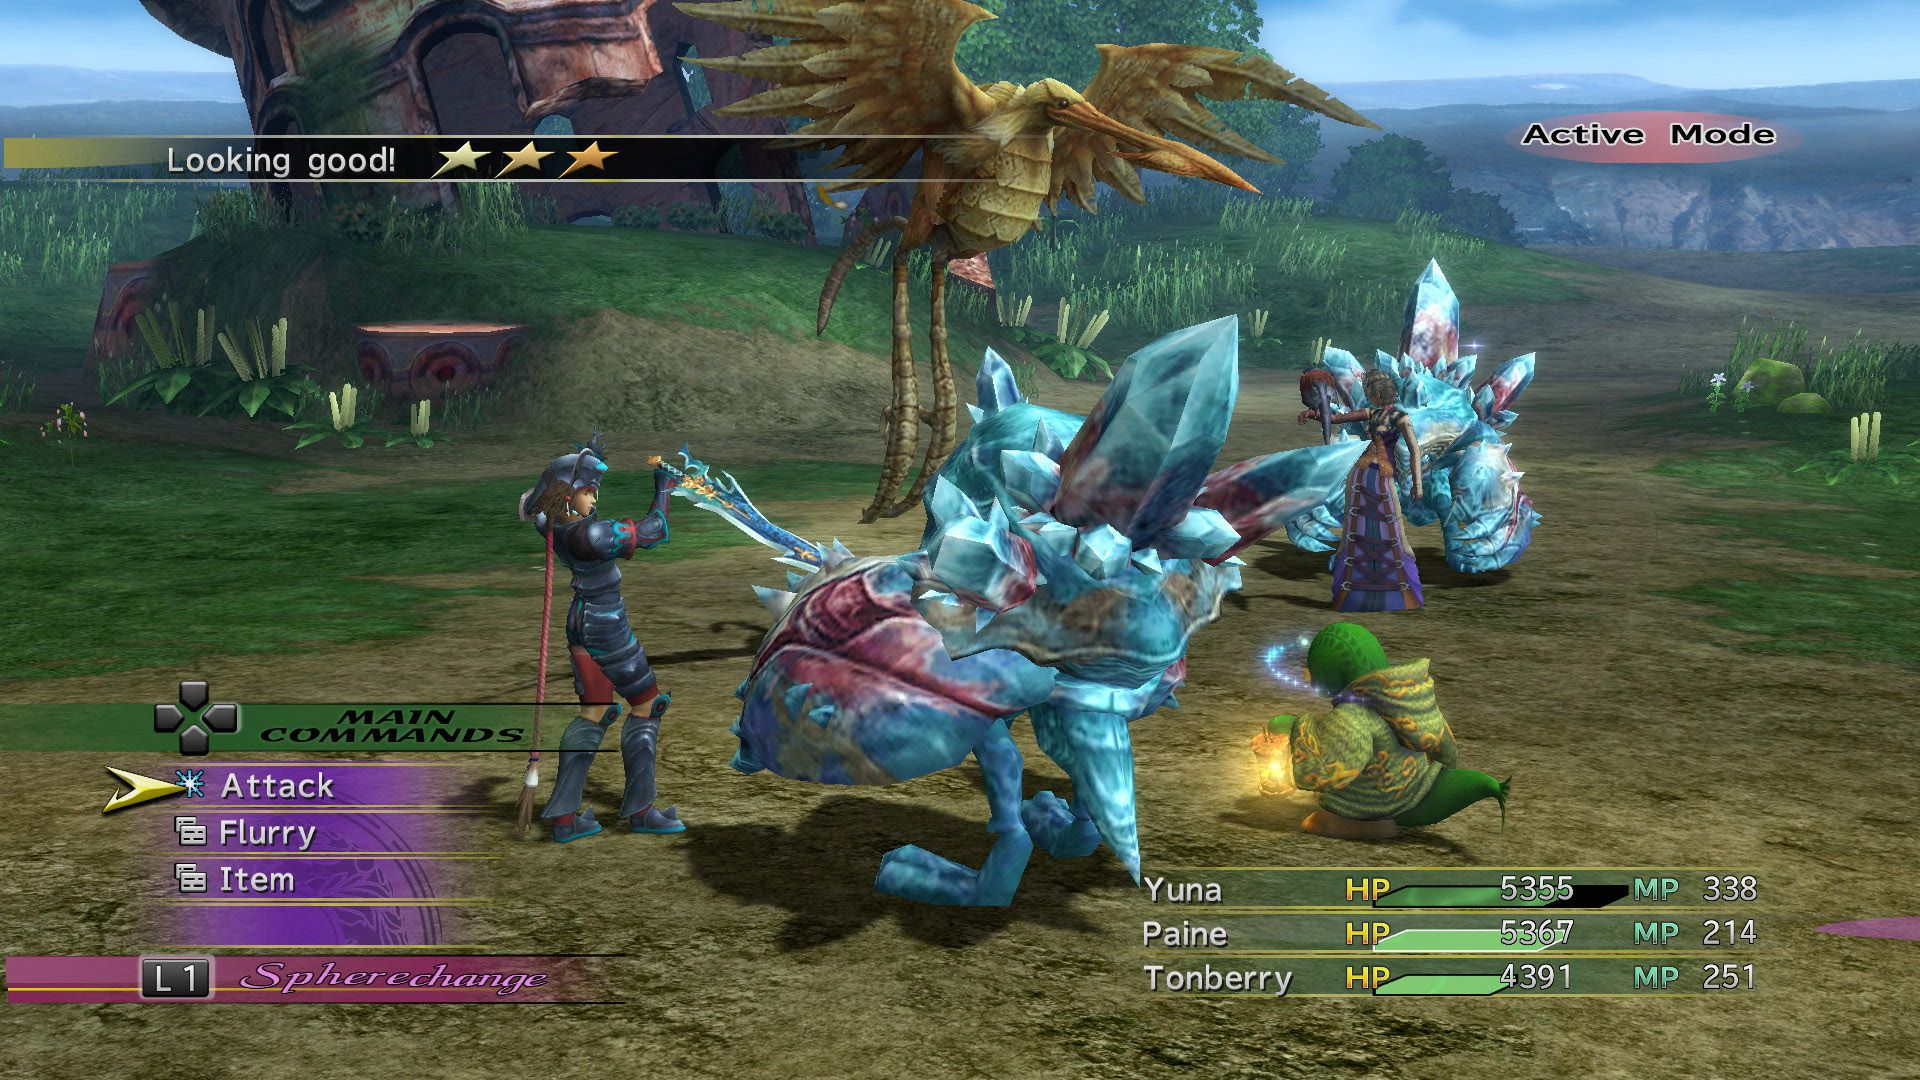 ภาพฉากการต่อสู้ของภาค FFX-2 / ภาพจาก - http://www.gamesot.com